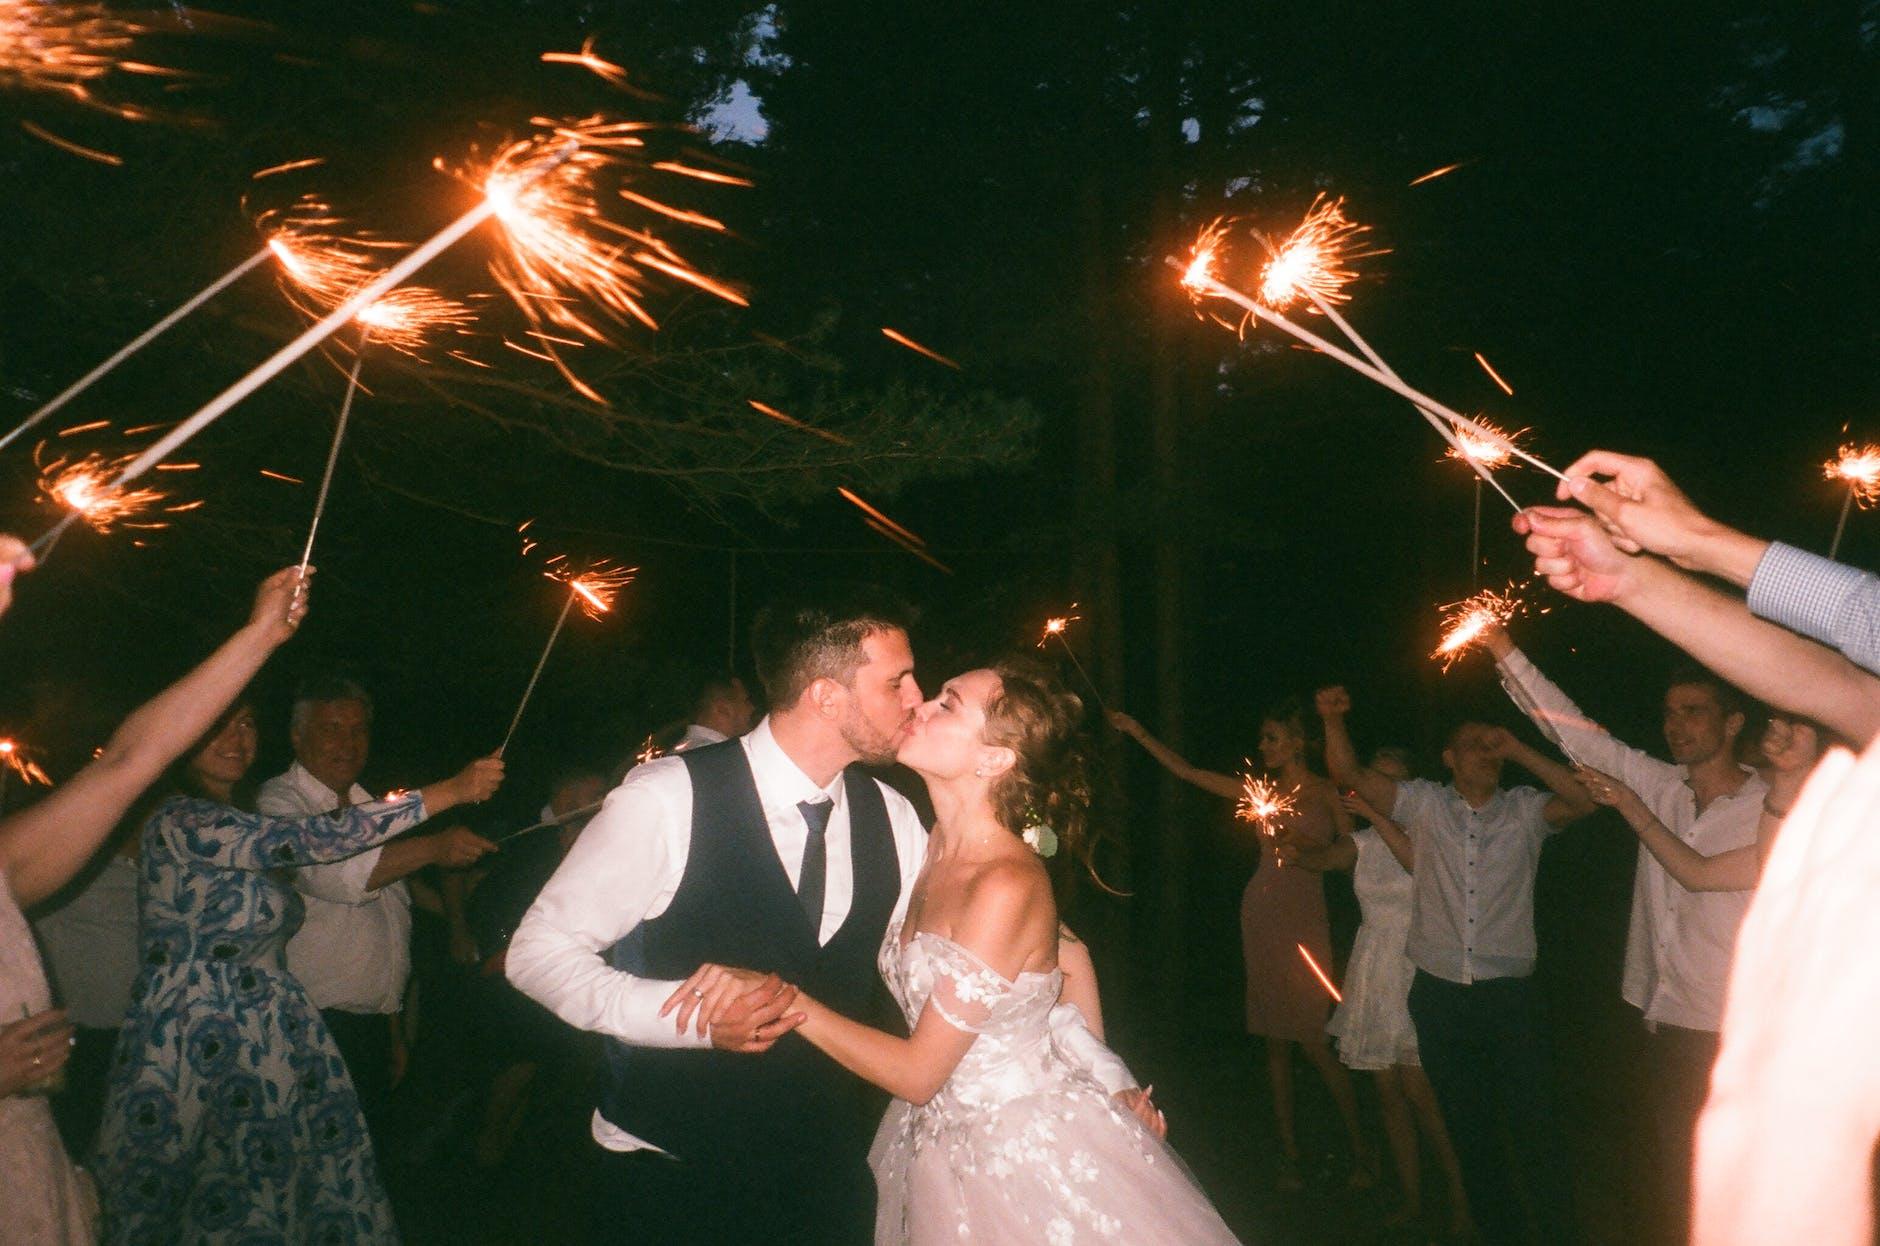 Wedding Party dalam Tips Menghadiri Undangan Pernikahan di Gedung